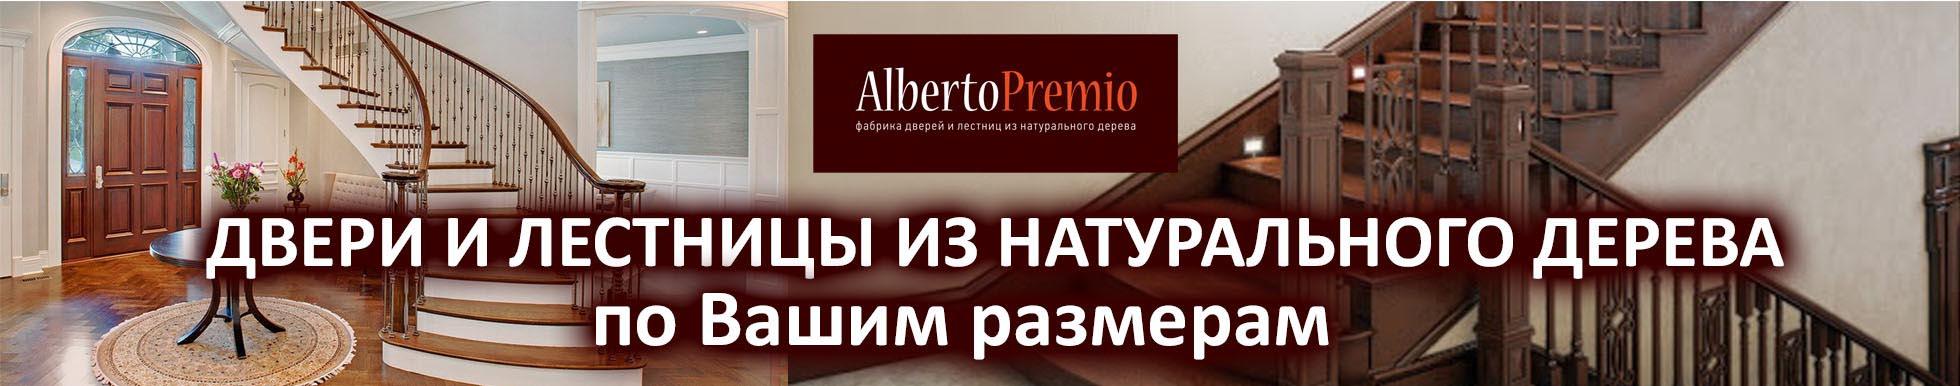 Лестницы и двери на заказ в Калининграде и области. Фабрика Alberto Premio